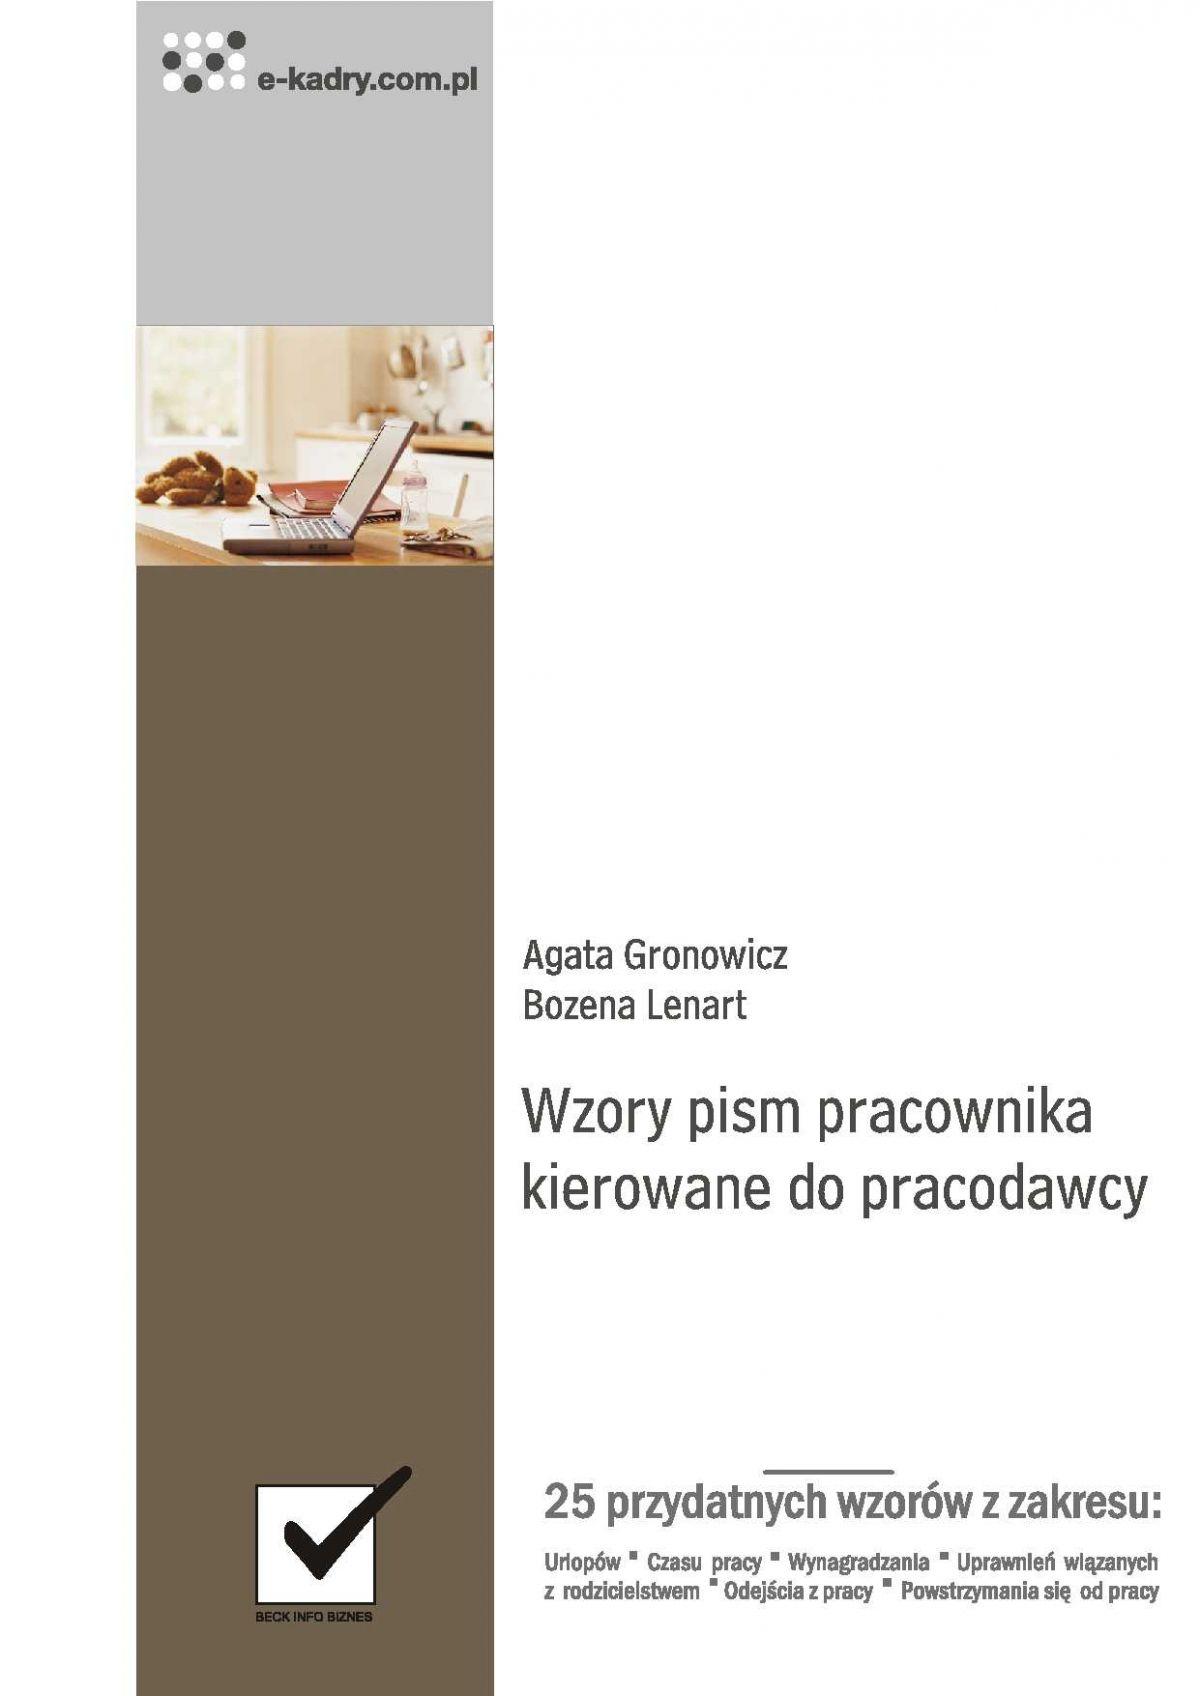 Wzory pism pracownika kierowane do pracodawcy - Ebook (Książka PDF) do pobrania w formacie PDF